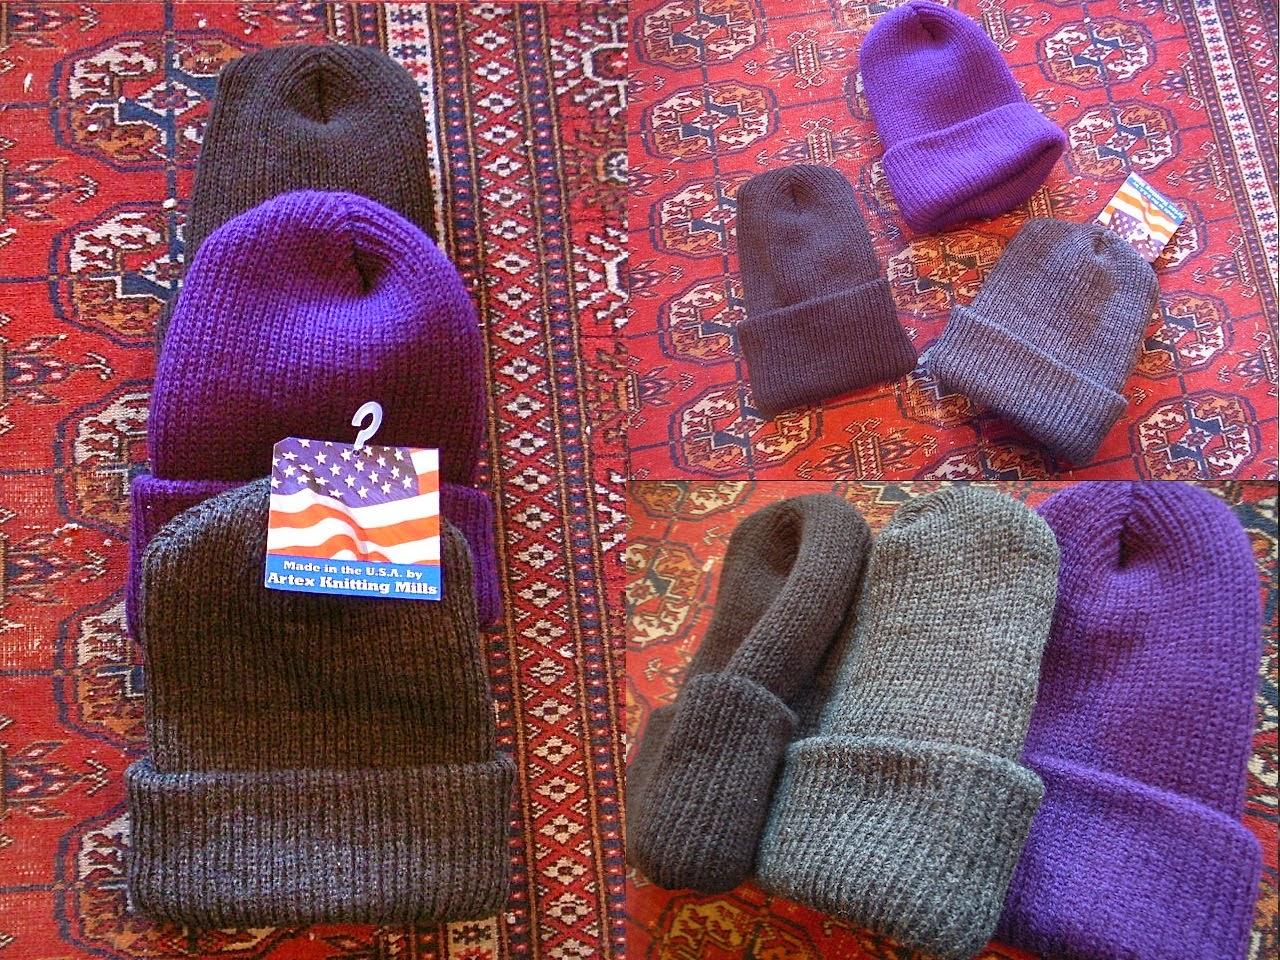 Artex Knitting Mills (WATCH CAP) | welcoblog